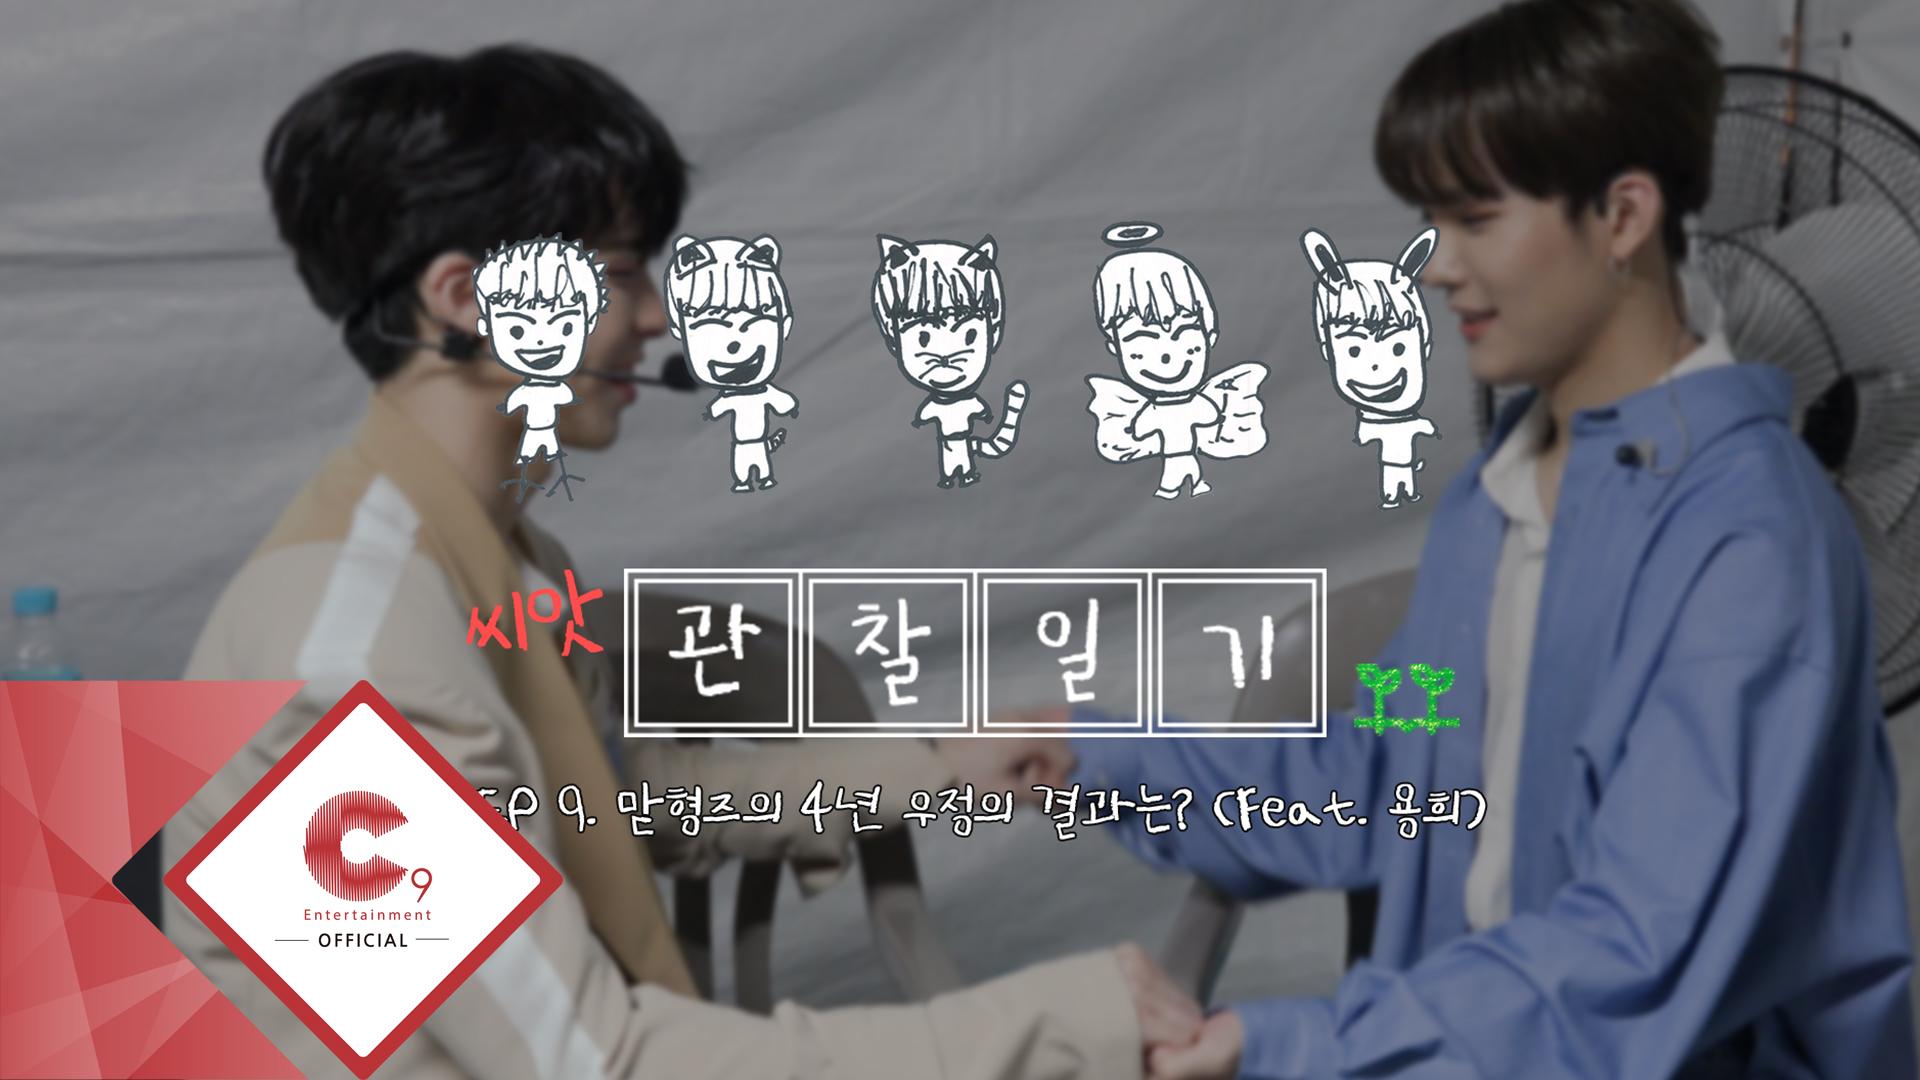 [씨앗관찰일기] EP.9 맏형즈의 4년 우정의 결과는? (Feat. 용희)